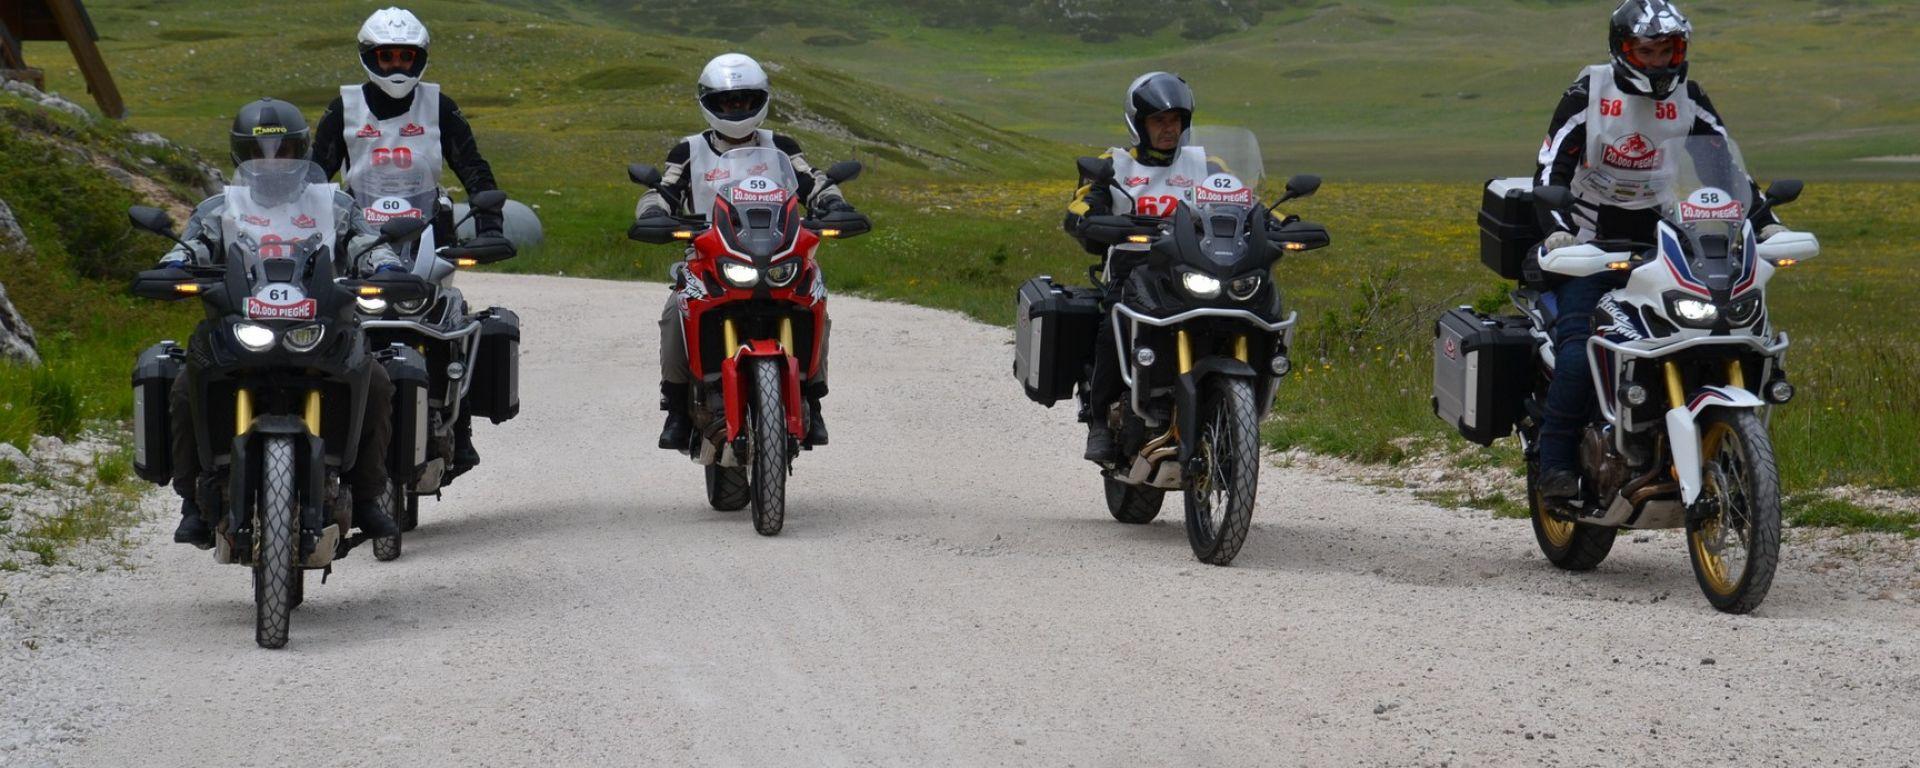 20.000 Pieghe 2016, la squadra Honda con Africa Twin